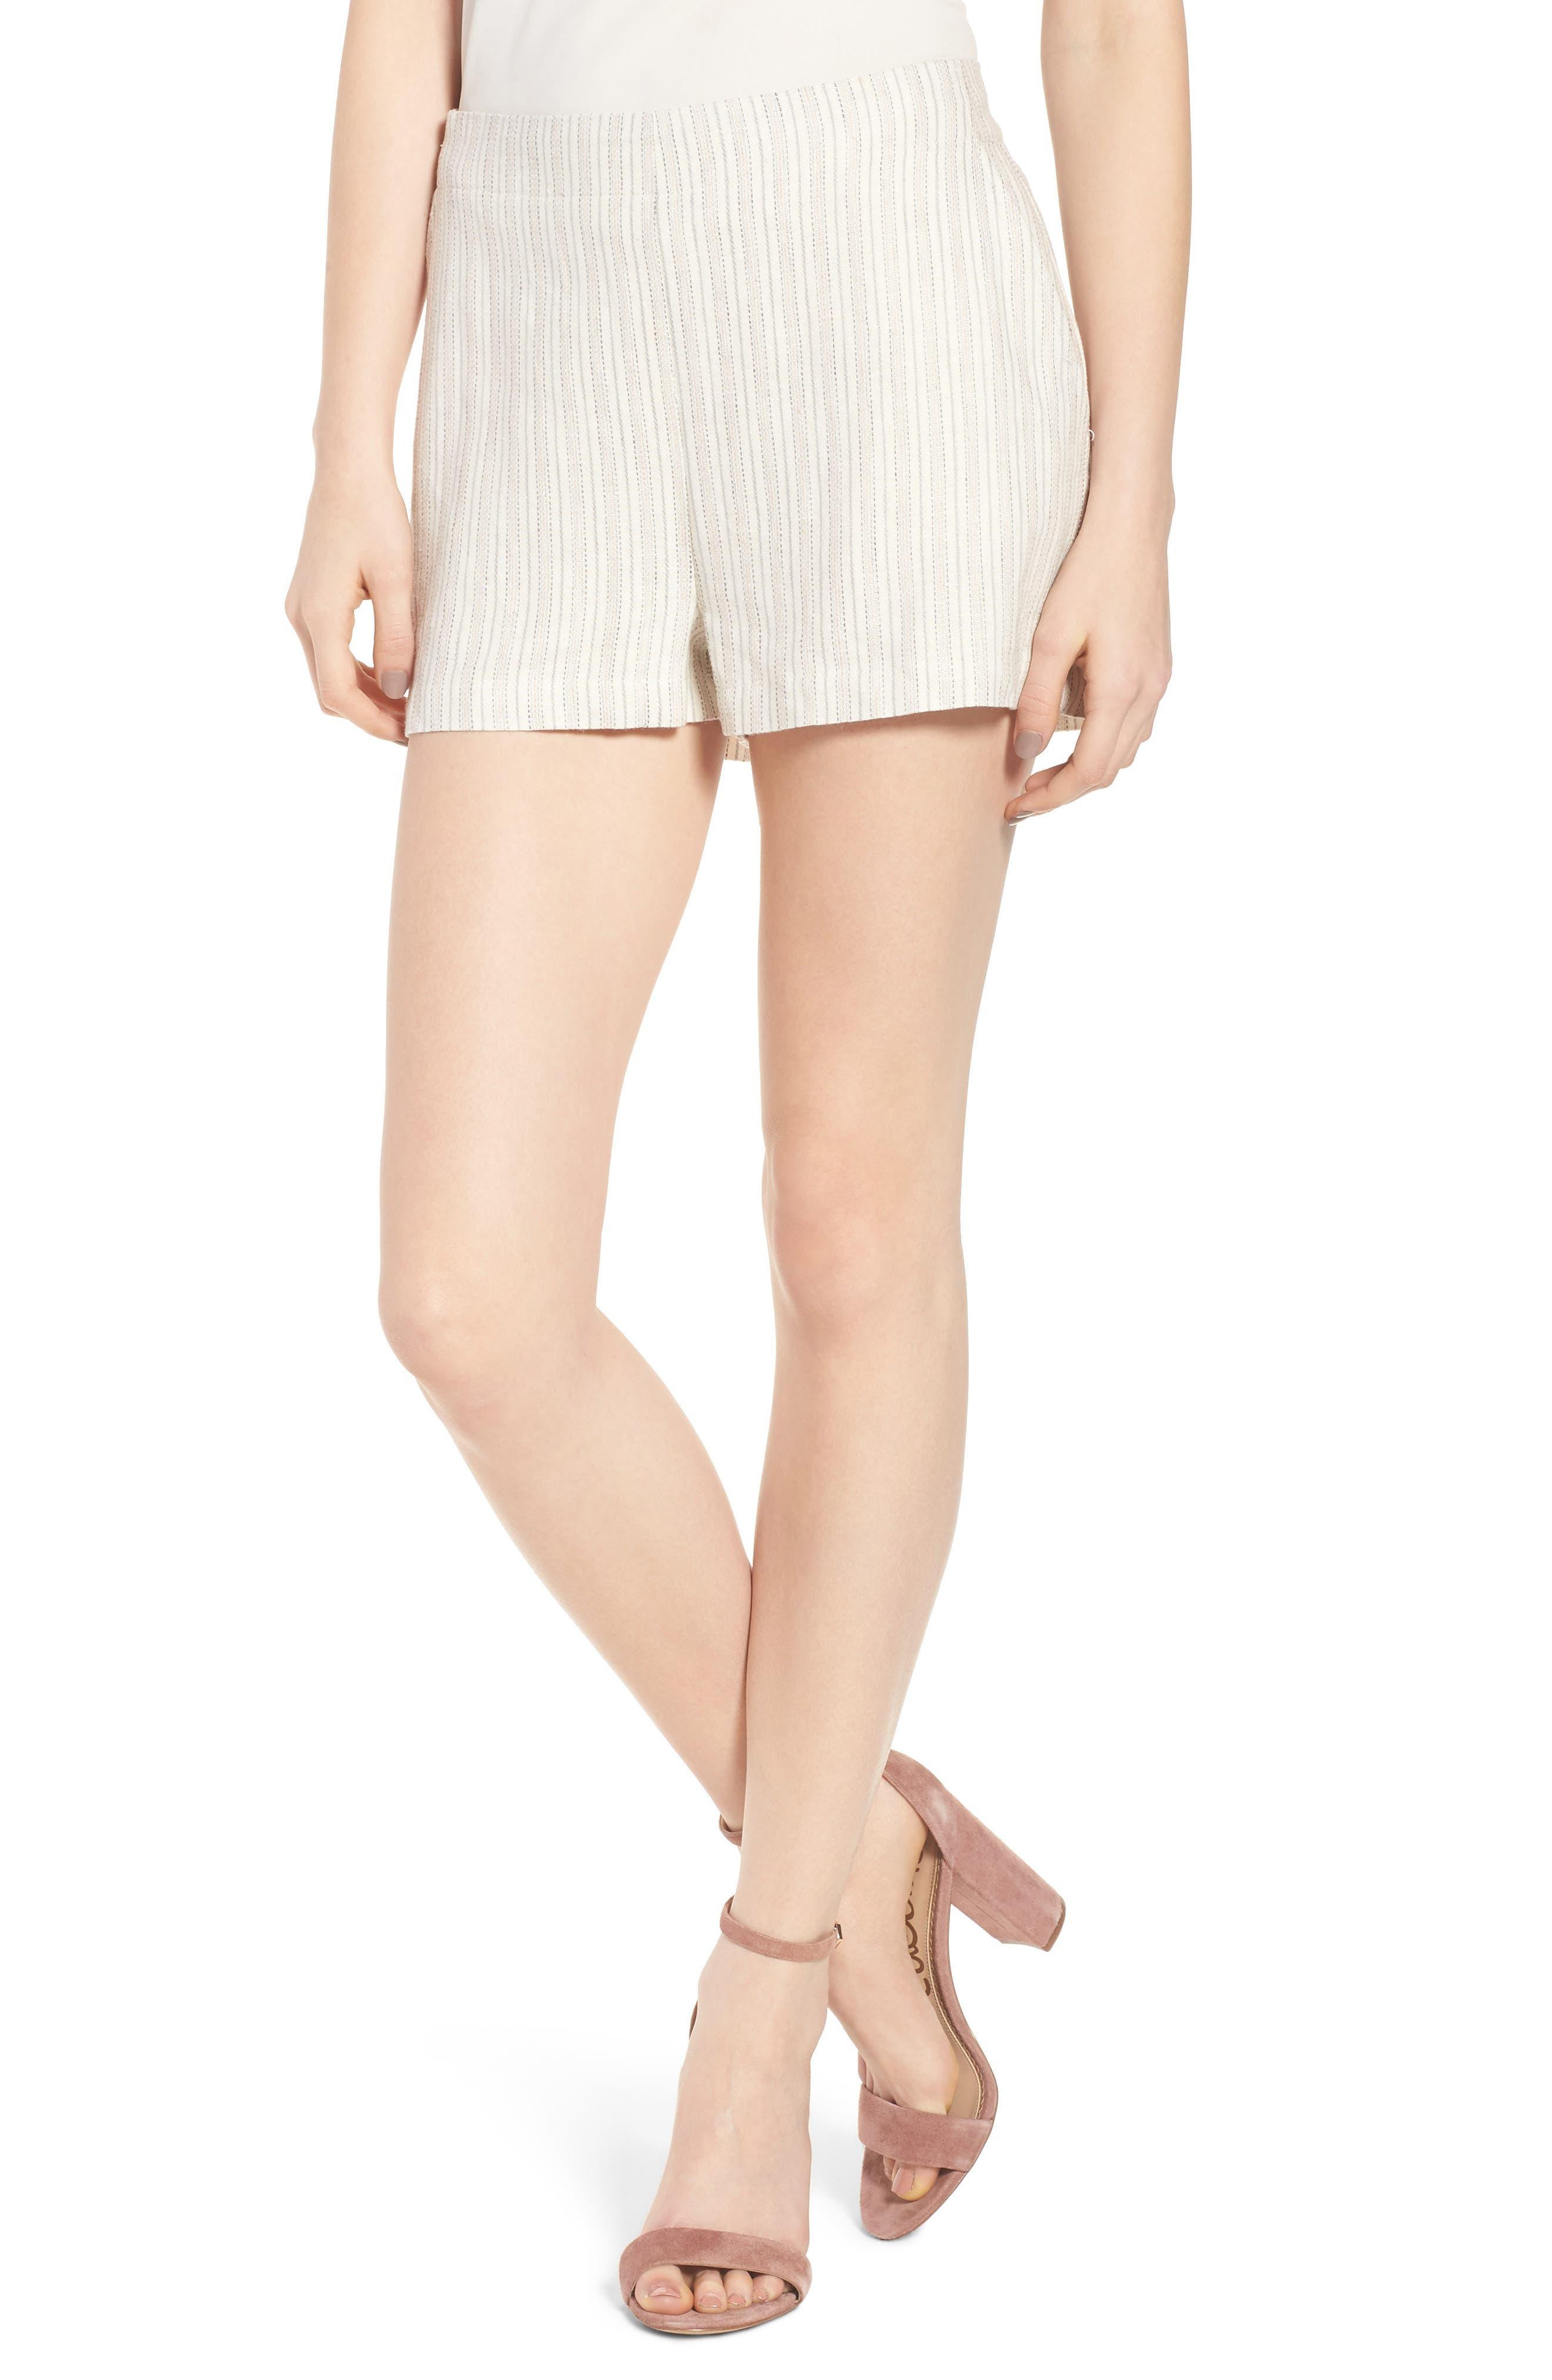 Alta Shorts,                             Main thumbnail 1, color,                             Ivory